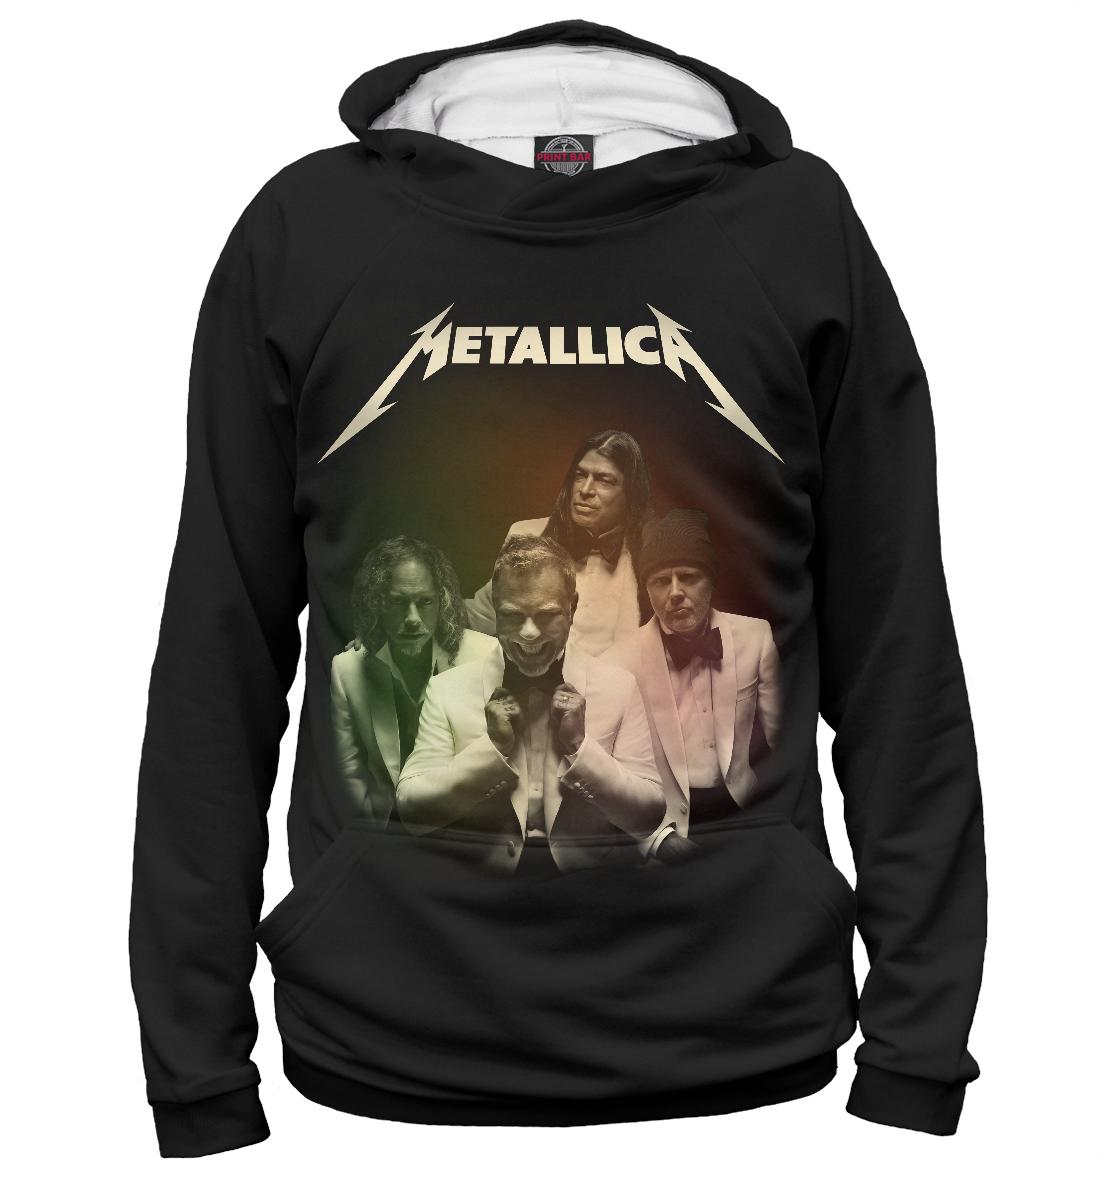 Купить Metallica, Printbar, Худи, MET-988869-hud-2